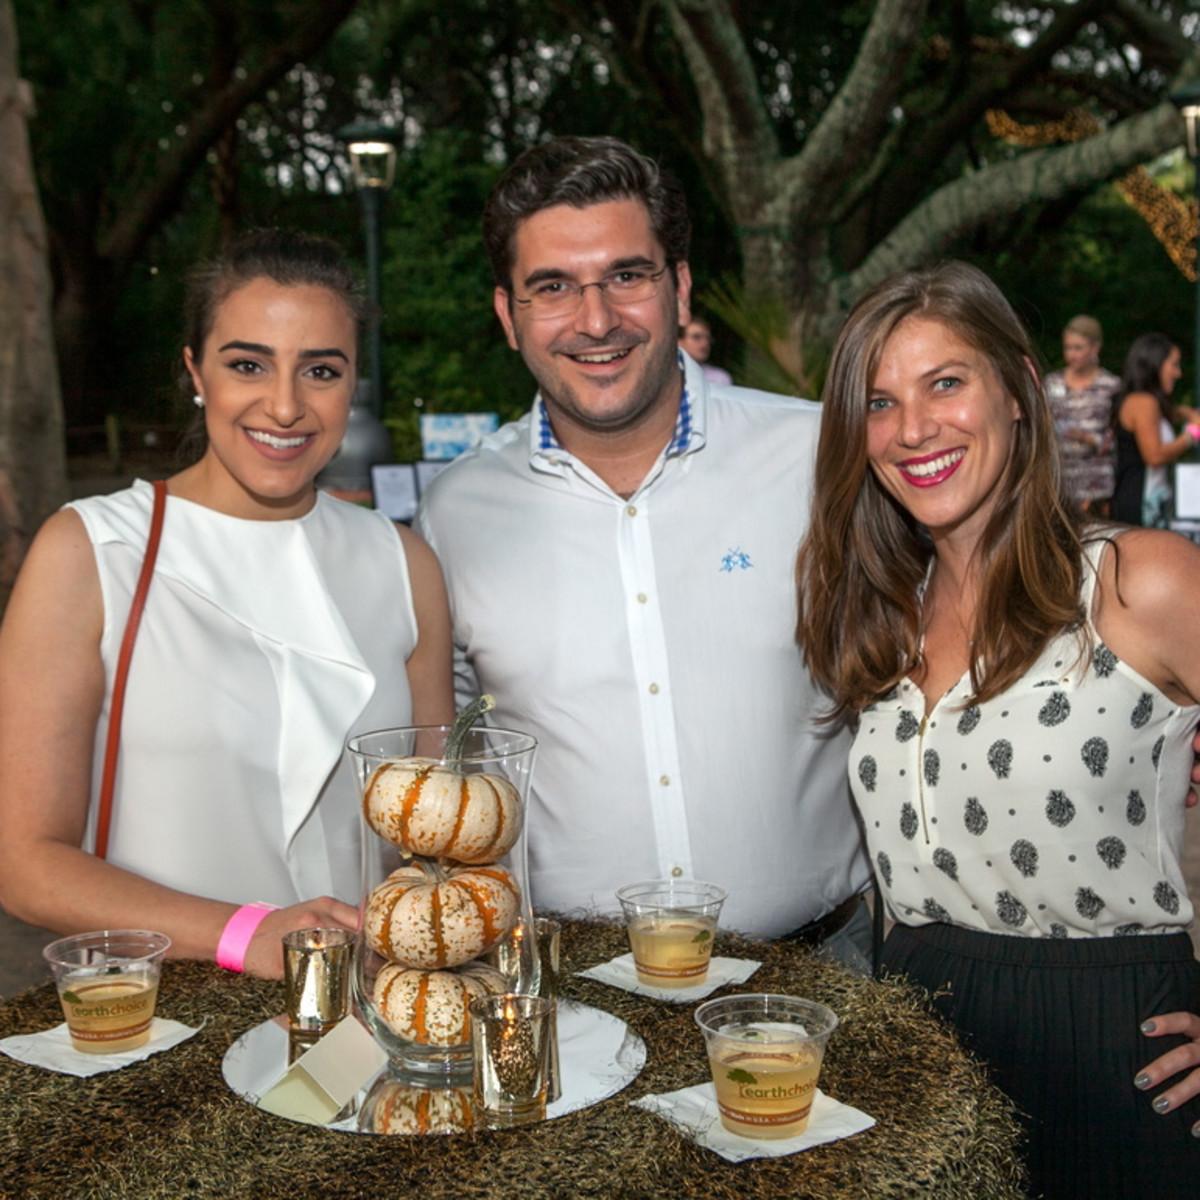 Houston Zoo YP Popi Stylianou, Niko Anagnostopoulos, Renee Anagnostopoulos